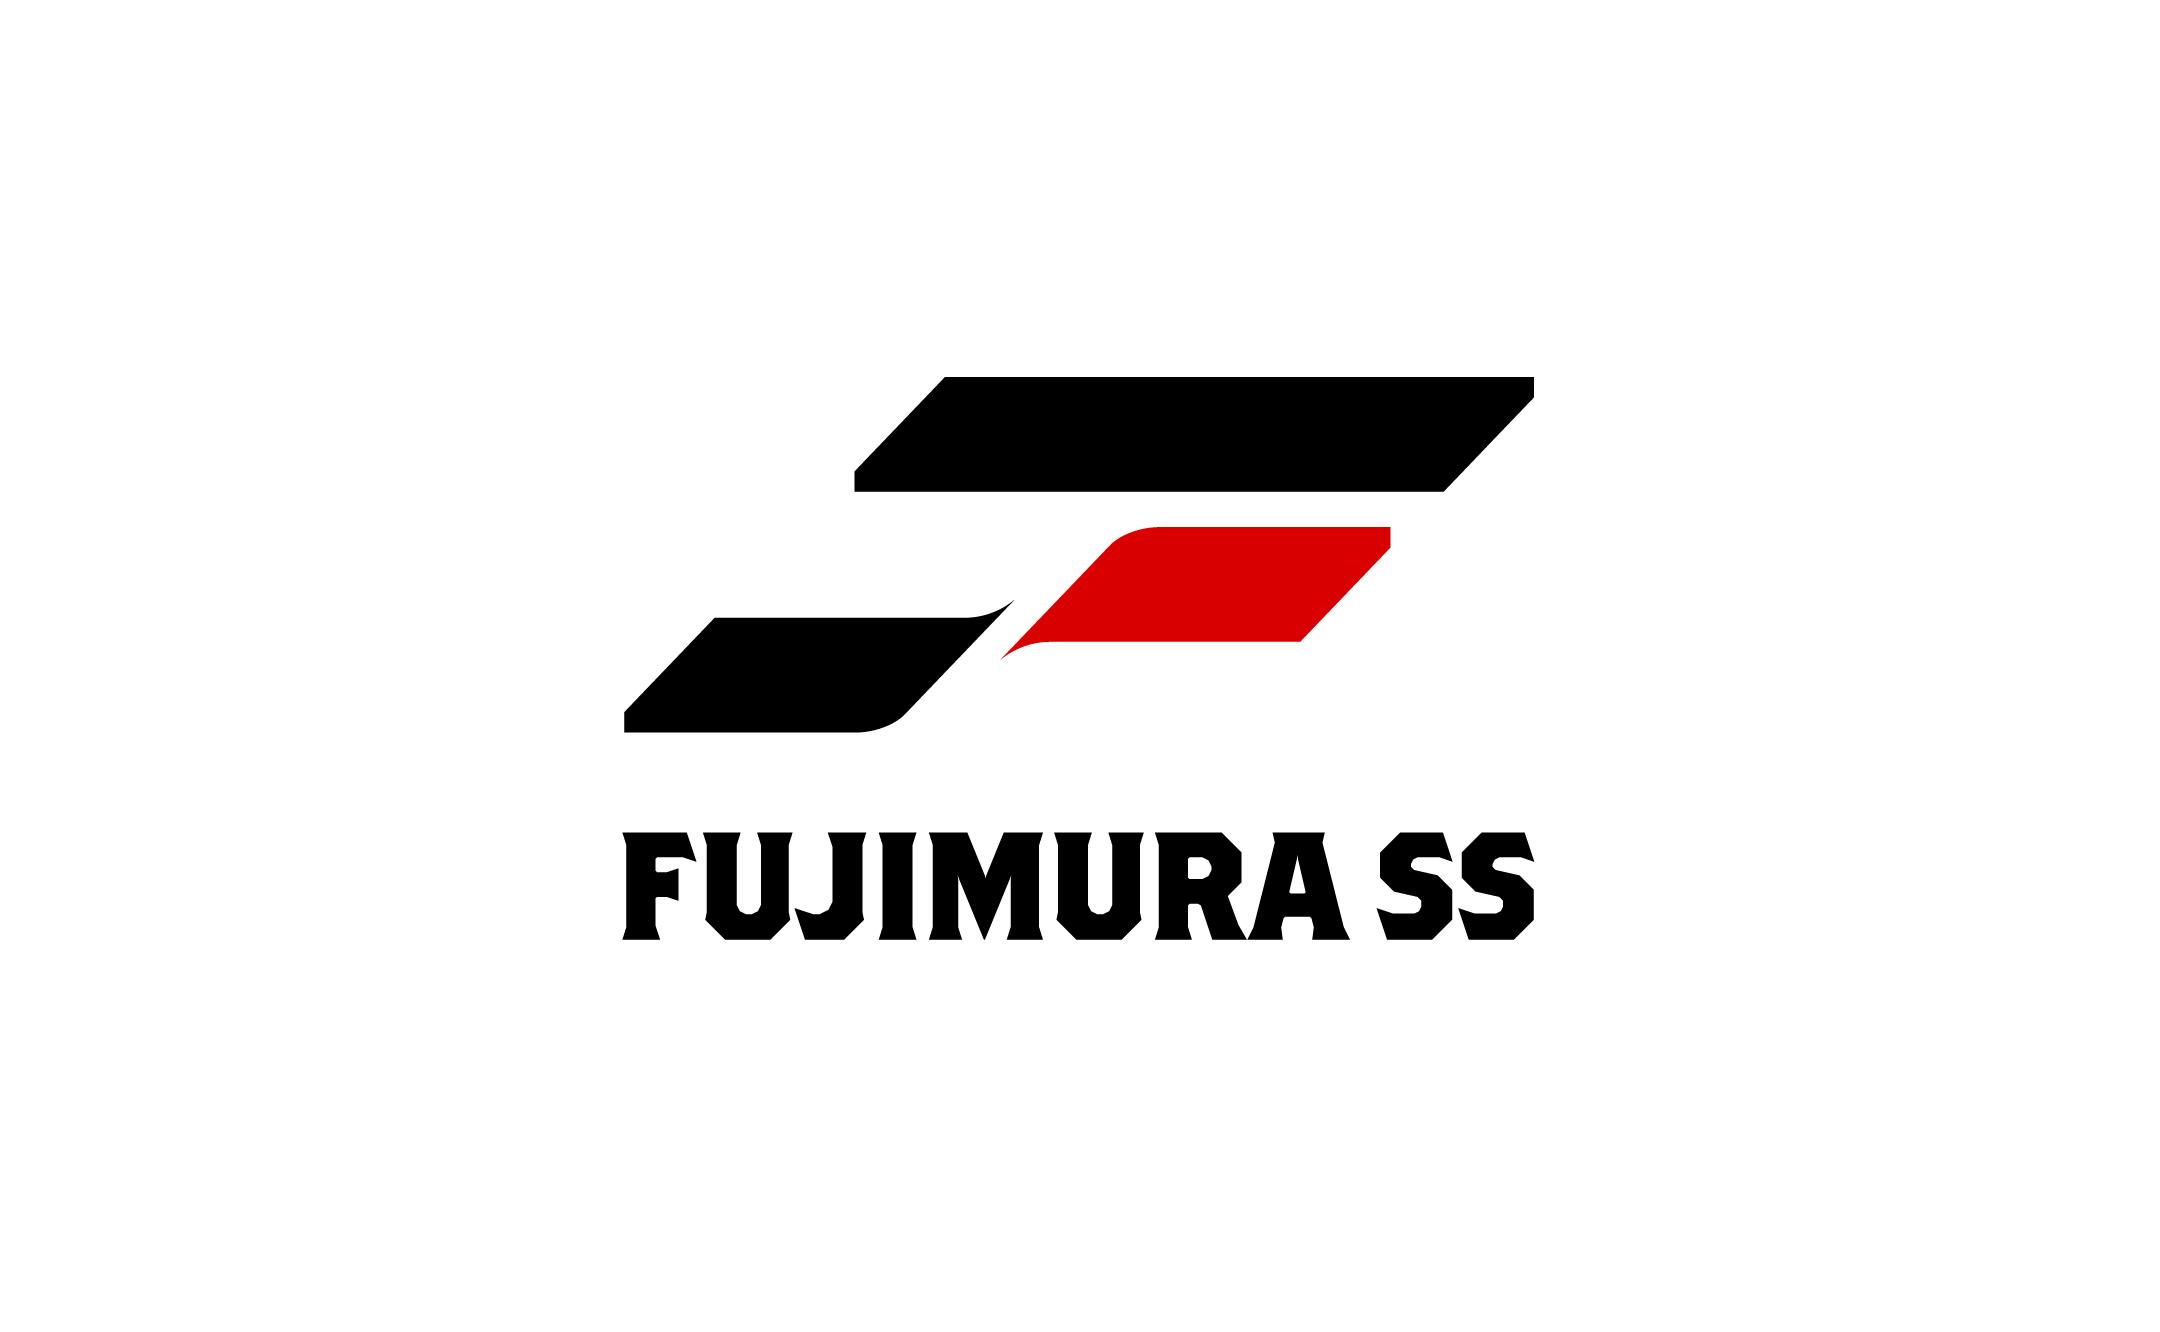 精密板金・レーザー加工 フジムラ製作所 コーポレートロゴ・サービスロゴ制作